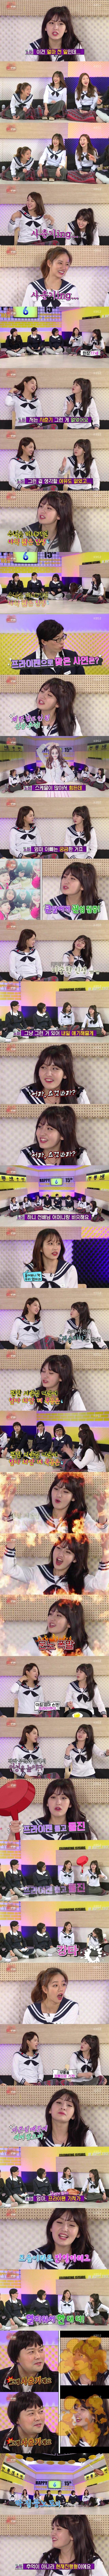 사춘기.jpg 사춘기 진행중인 여자아이돌.jpg